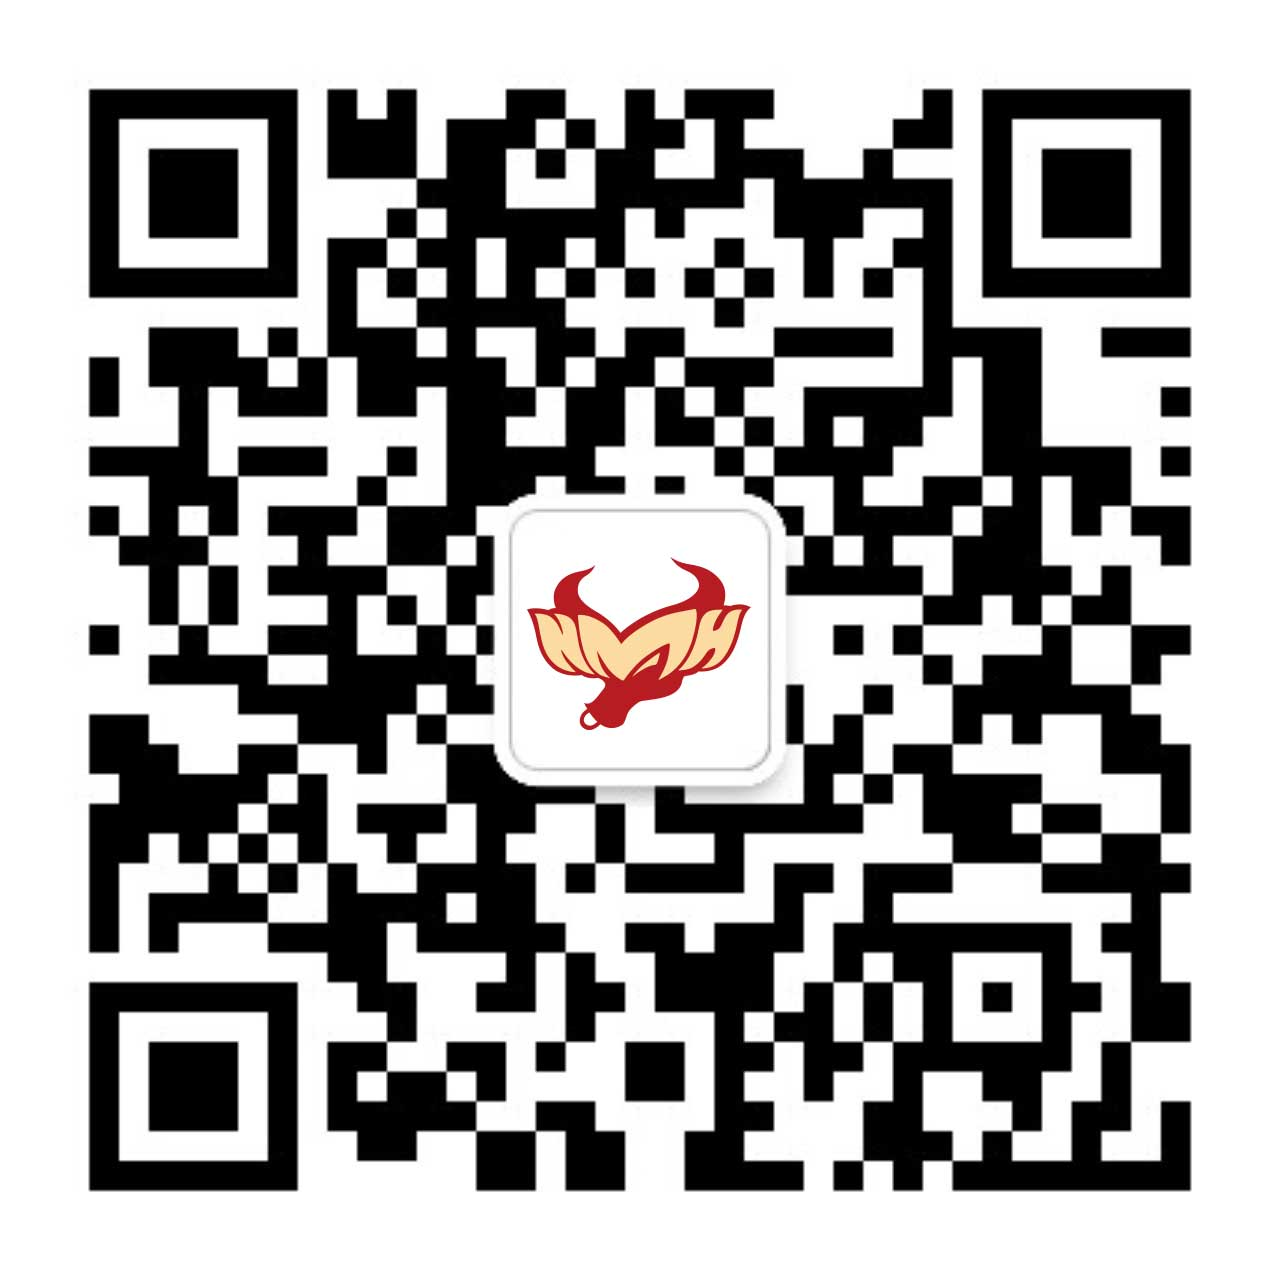 扫描关注牛魔王微信公众账号